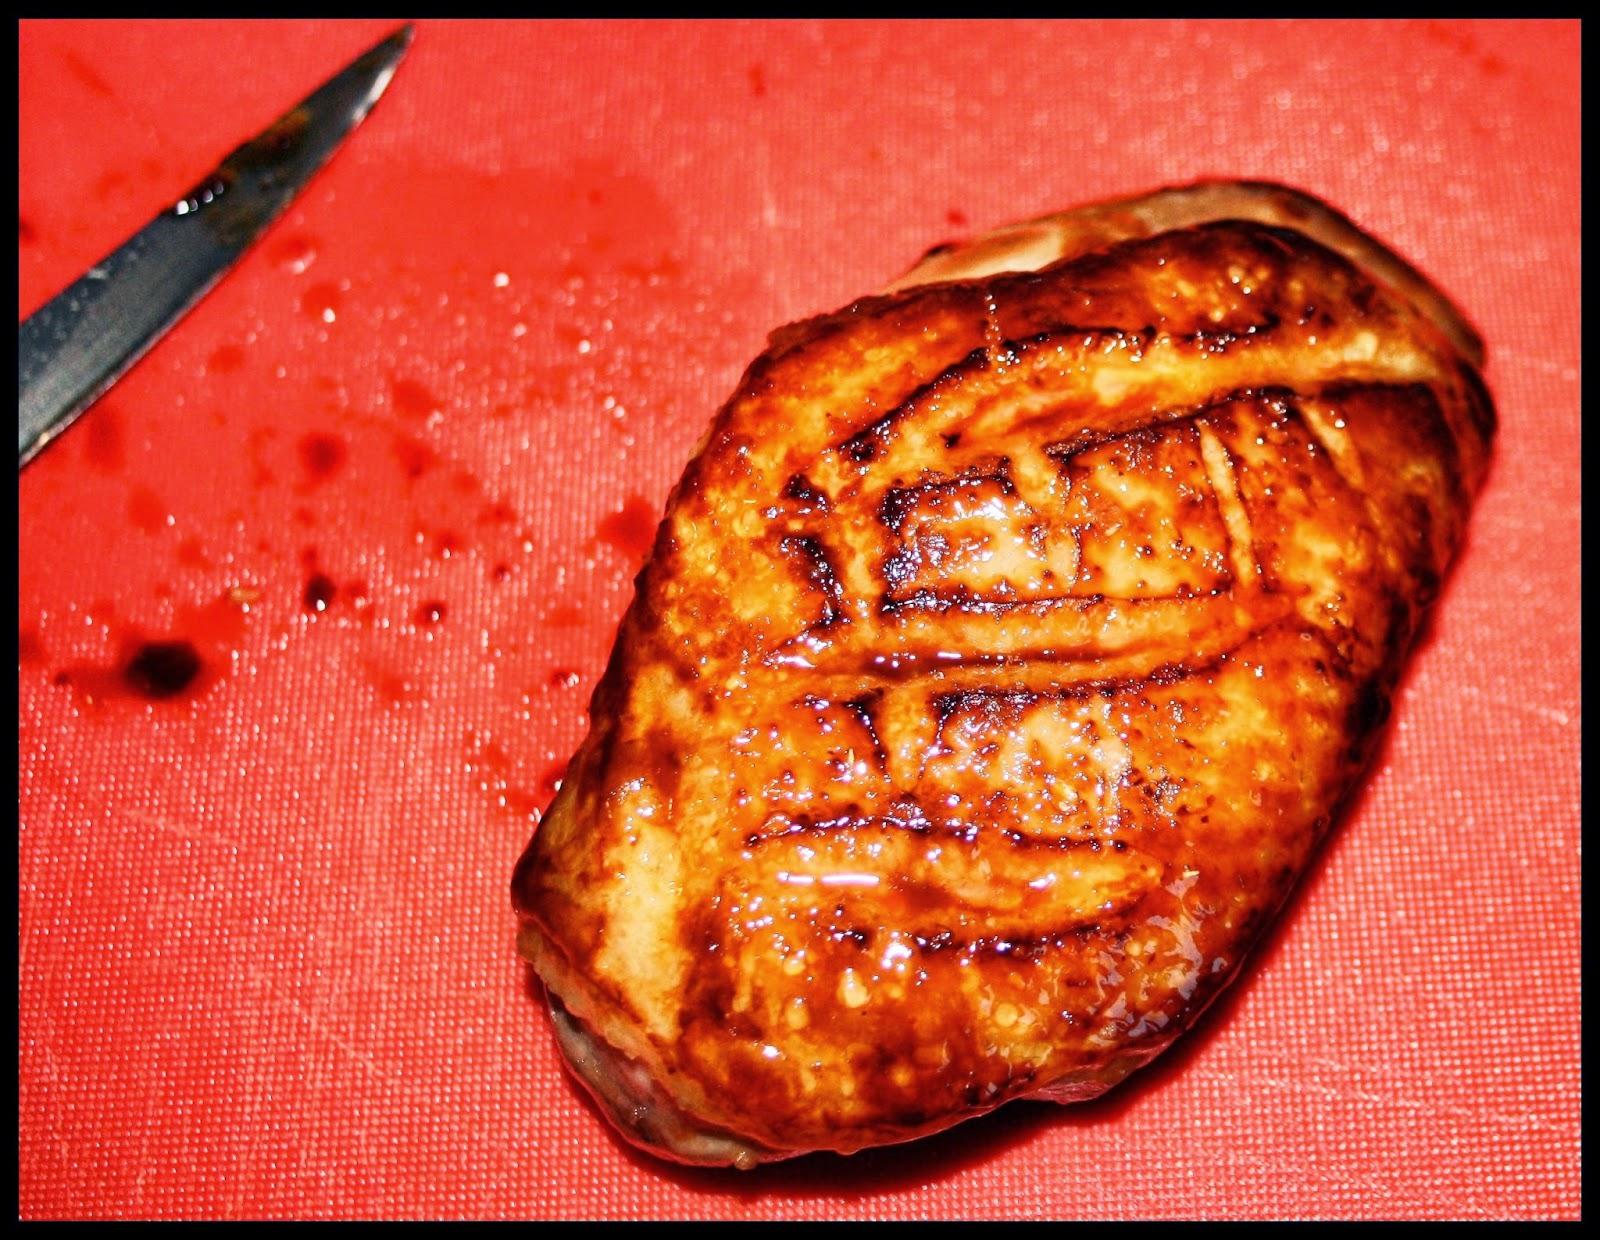 Magret de canard sauce tomate sirop d 39 rable - Cuisiner un magret de canard a la poele ...